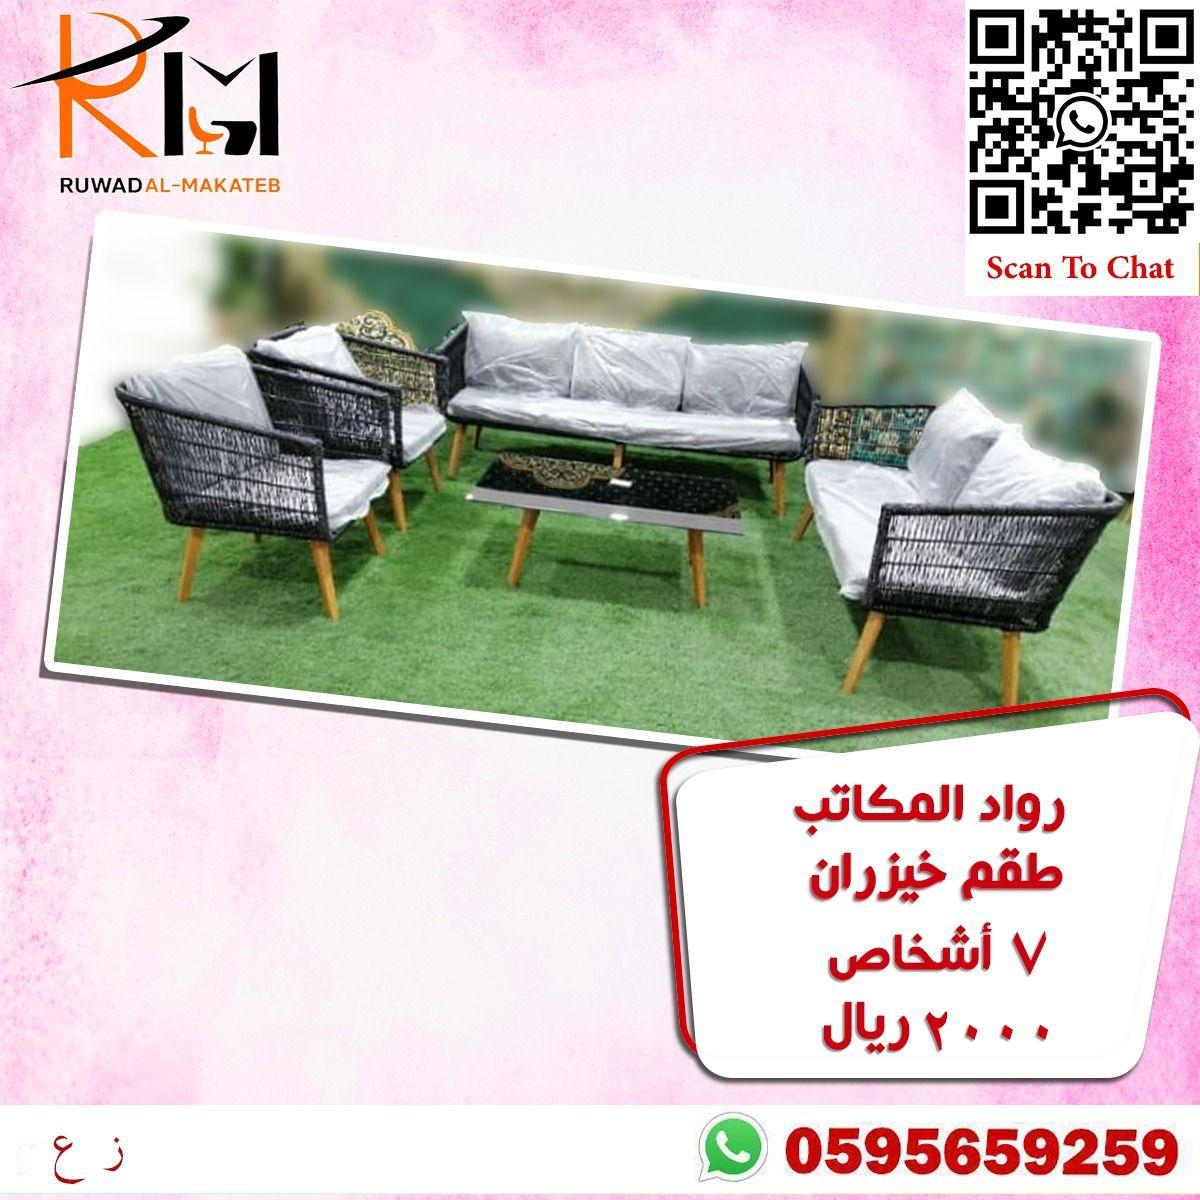 طقم خيزران Coffee Table Outdoor Sofa Outdoor Decor